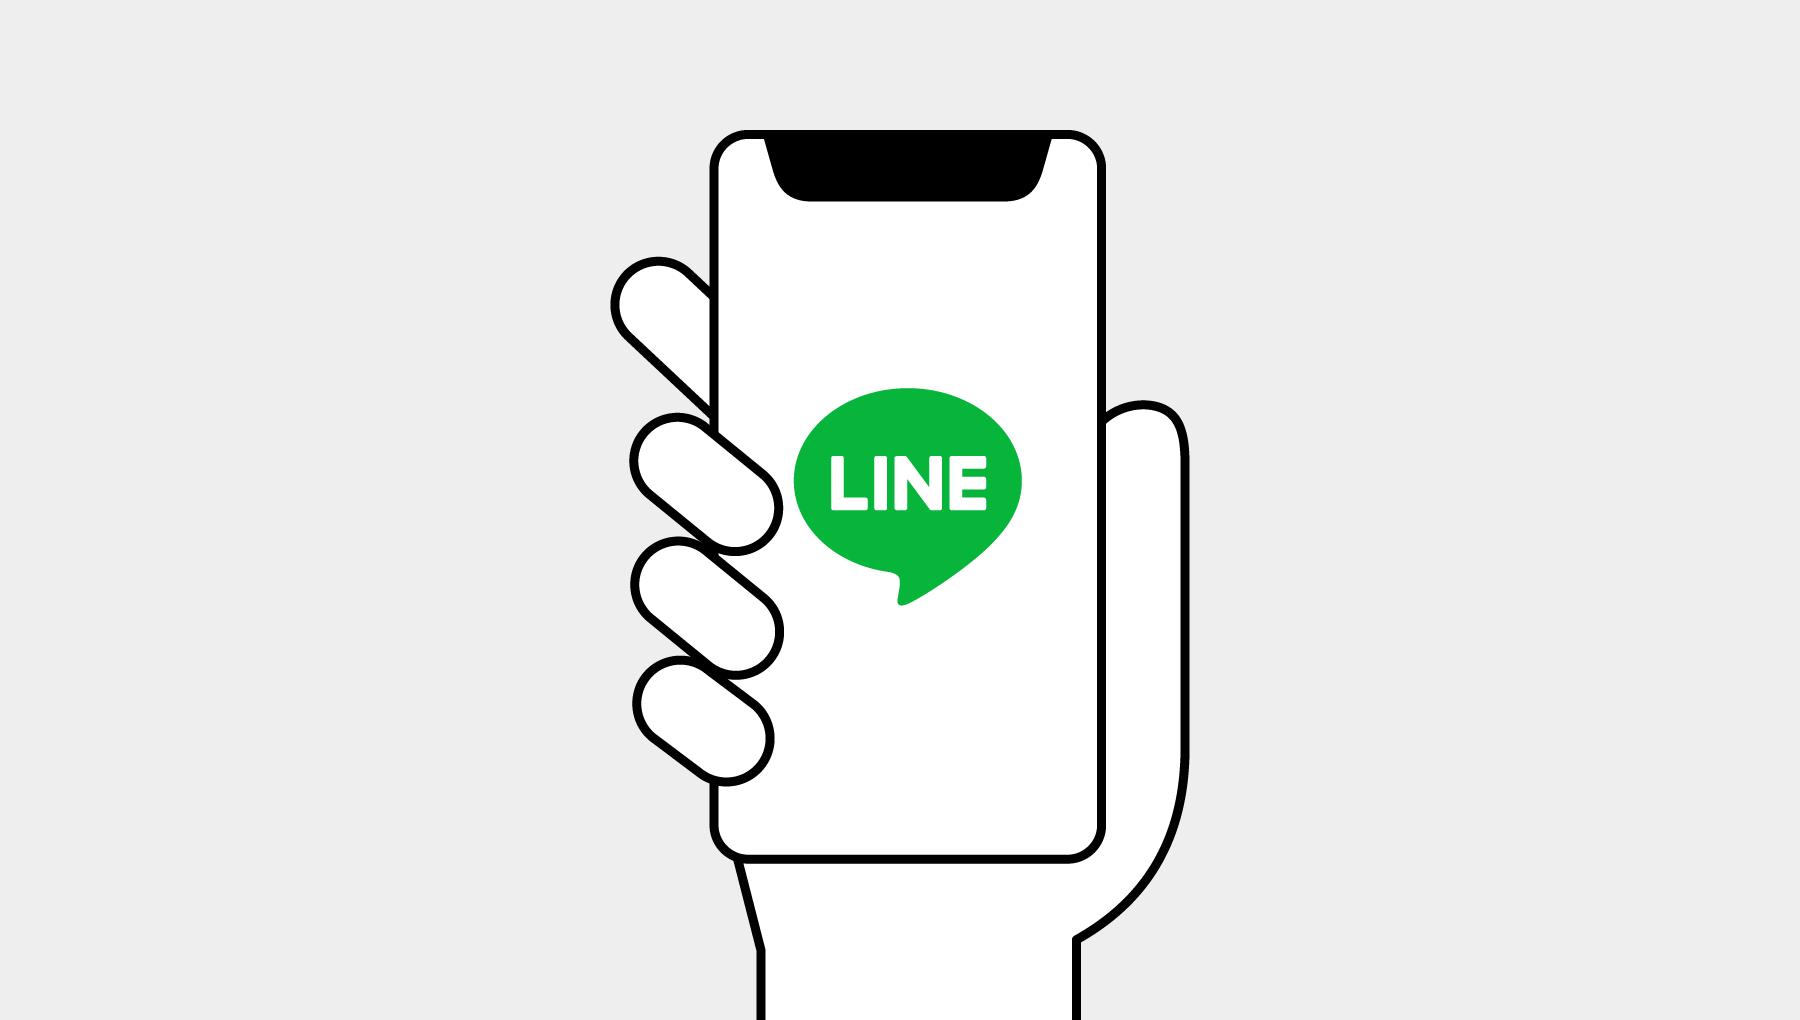 格安SIMでもLINEは使えるの?LINEの引き継ぎ方法と友だち追加の方法も解説